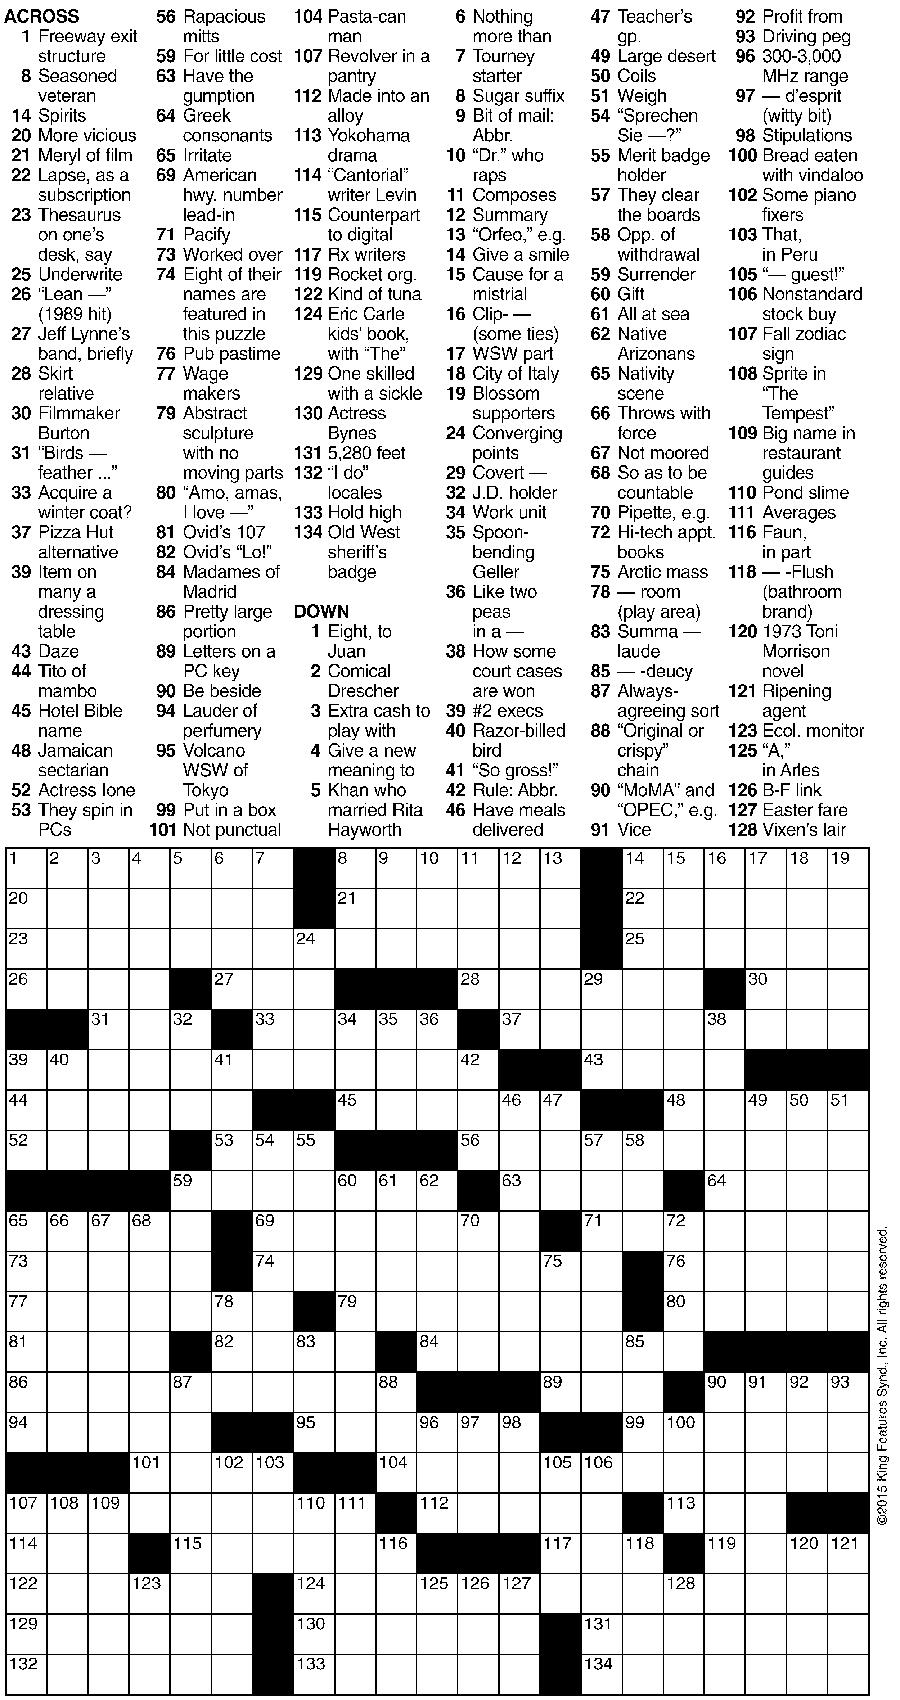 crossword1-2-835ec0fcf8eece23.png